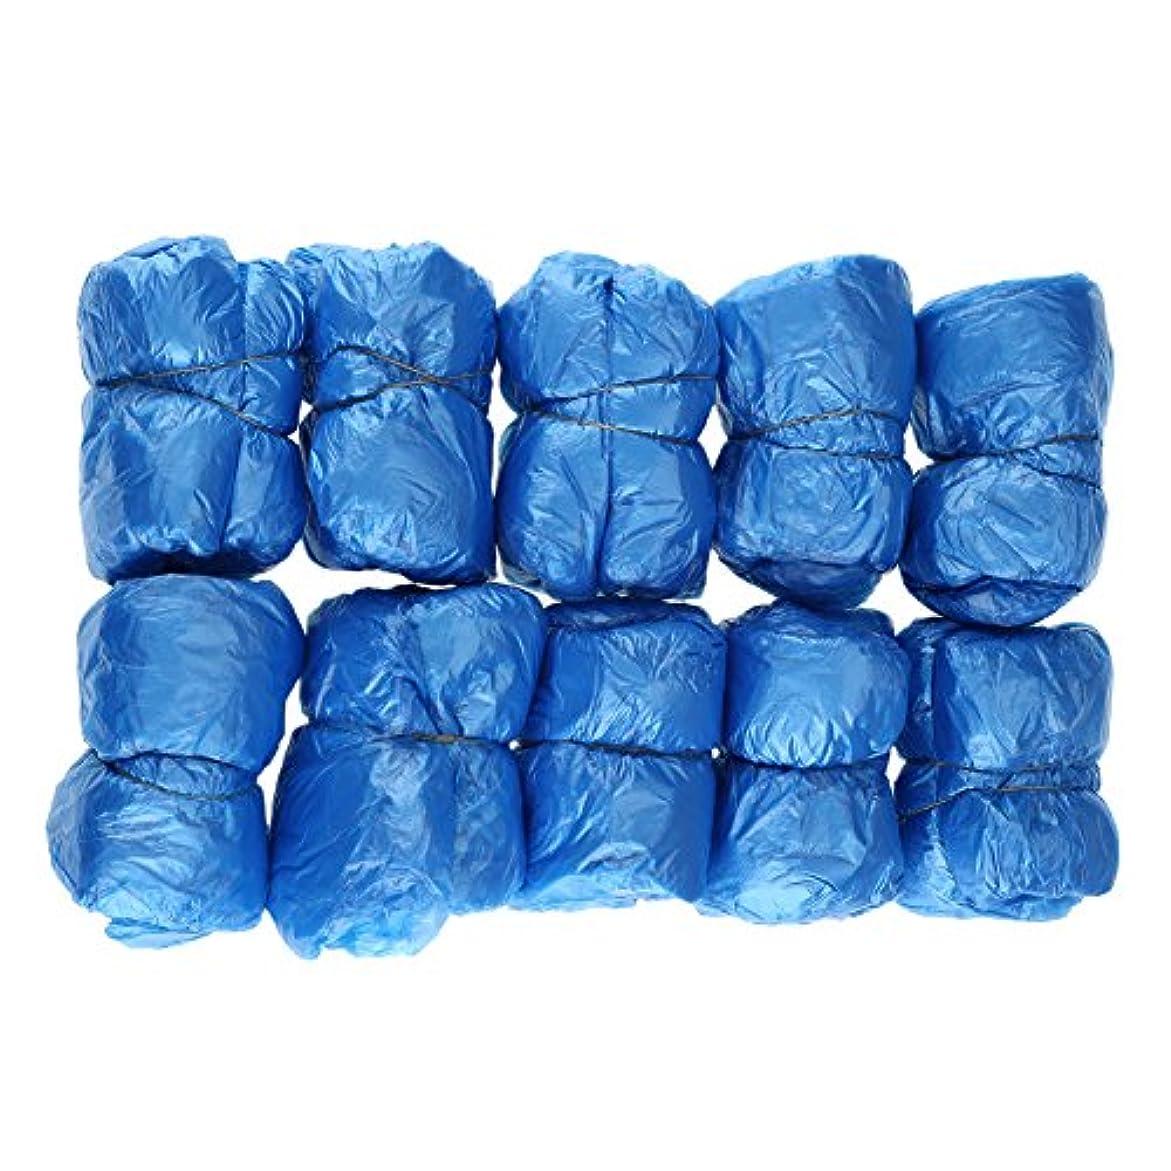 パス活発フレッシュ100枚入 使い捨て靴カバー シューズカバー 靴カバー サイズフリー簡単 便利 衛生 家庭用品 ブルー